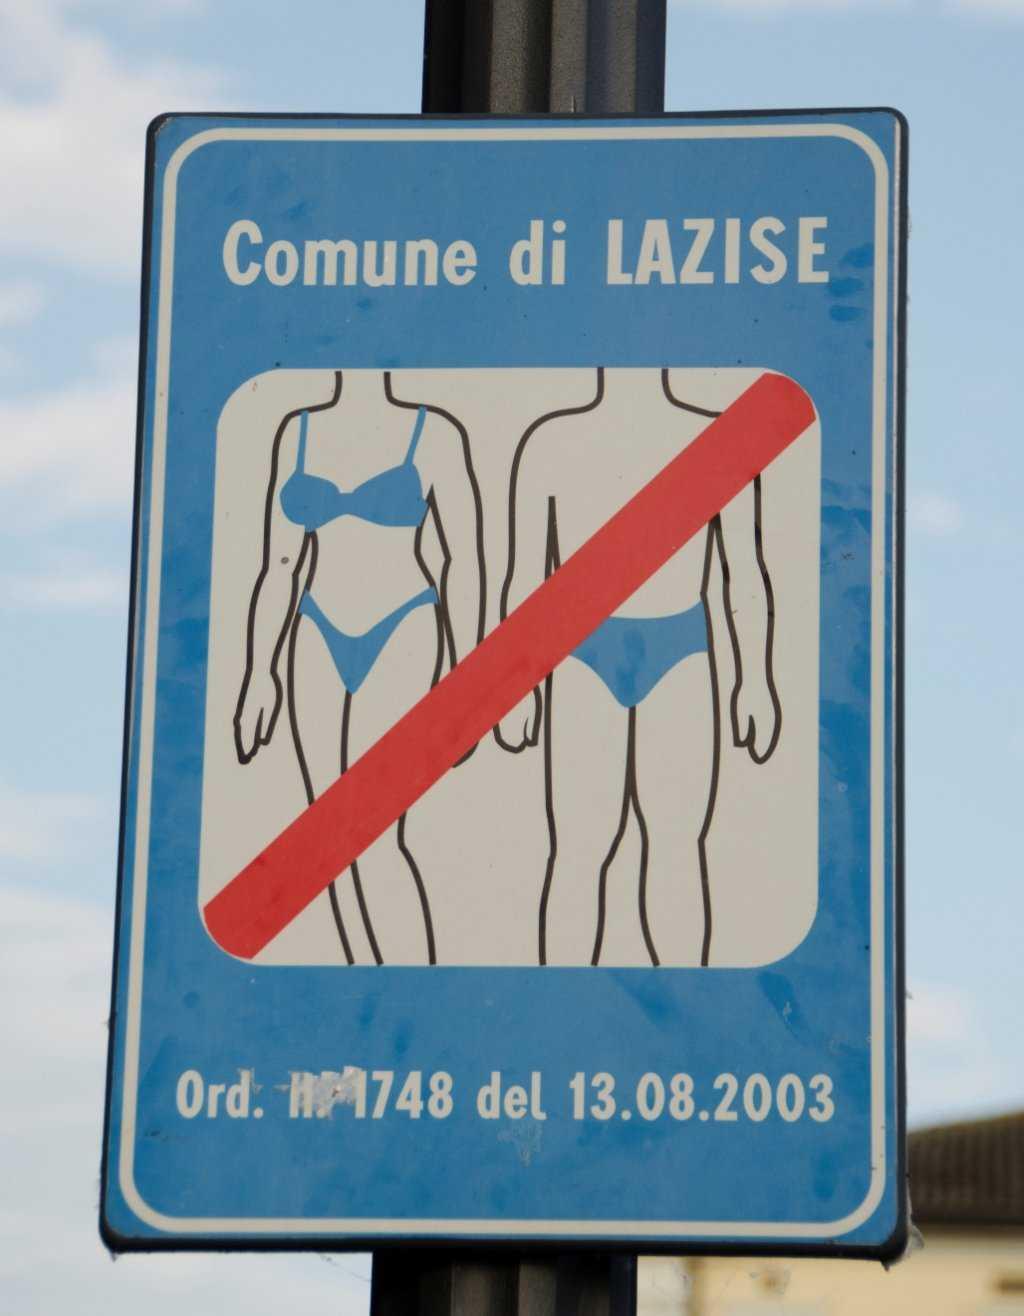 Limanda mayo ile dolaşmanın yasak olduğunu anlatan bir tabela…